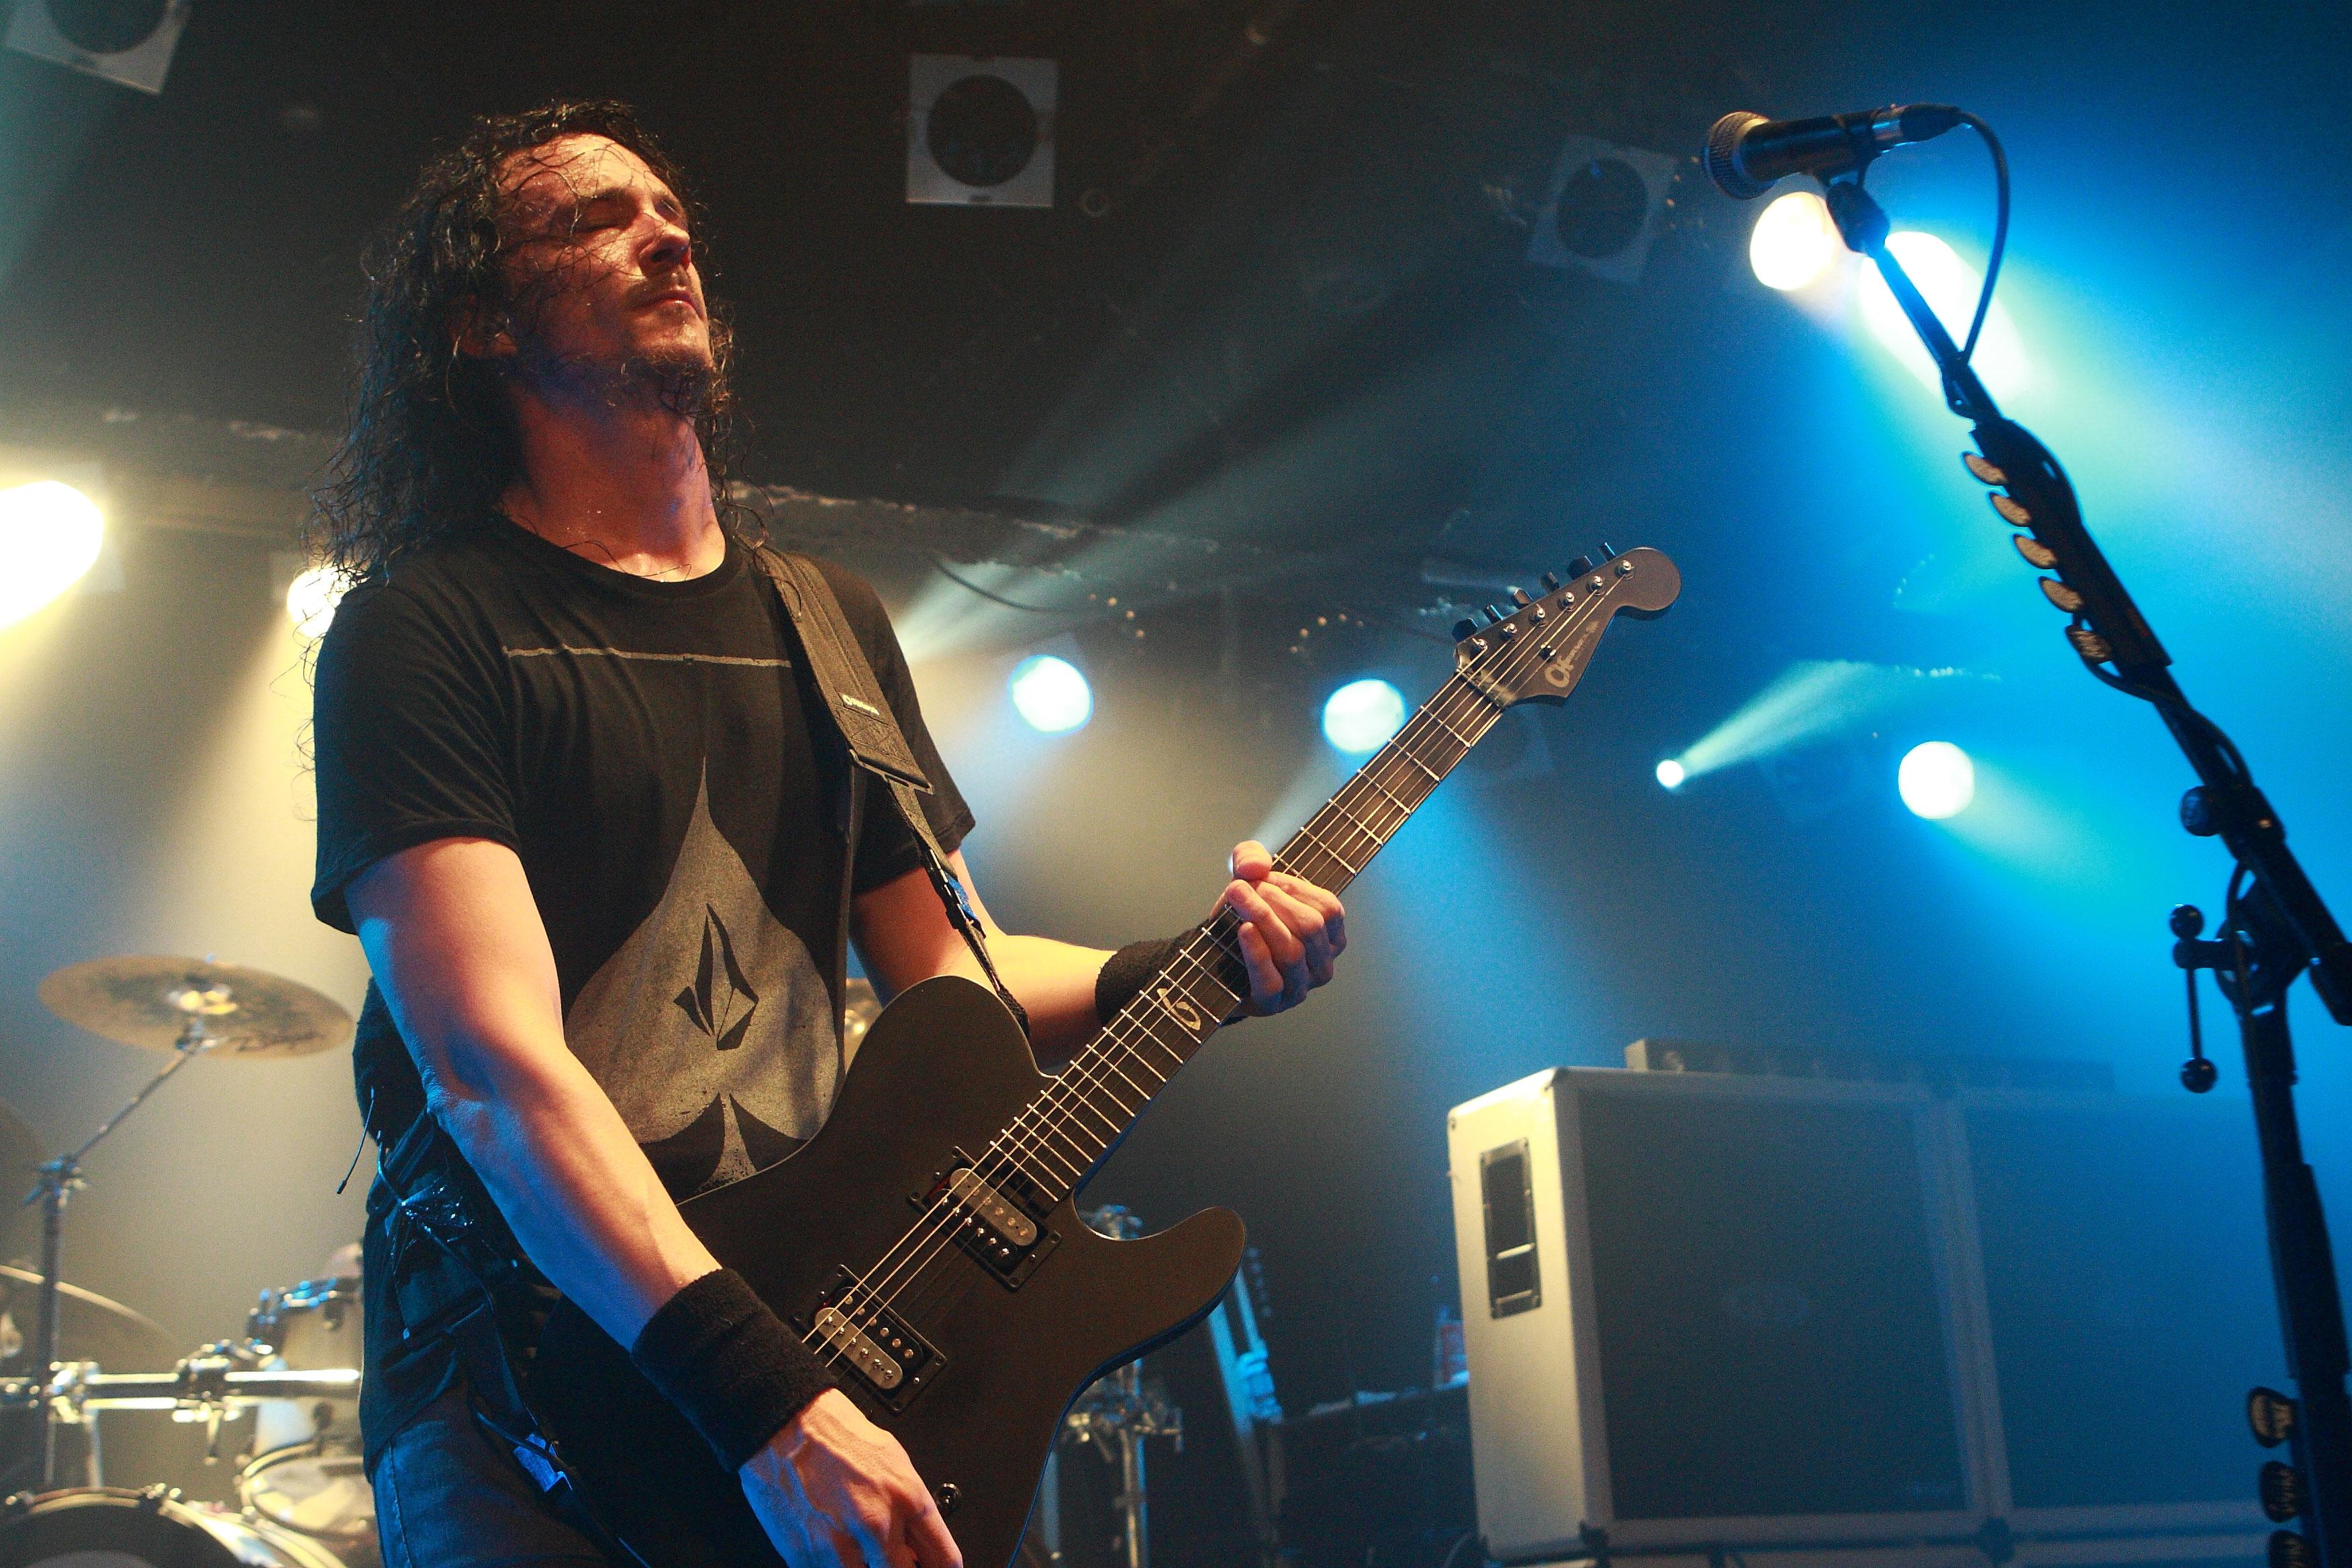 Joe Duplantier, cantante y guitarra de Gojira. Foto: Eduard Tuset